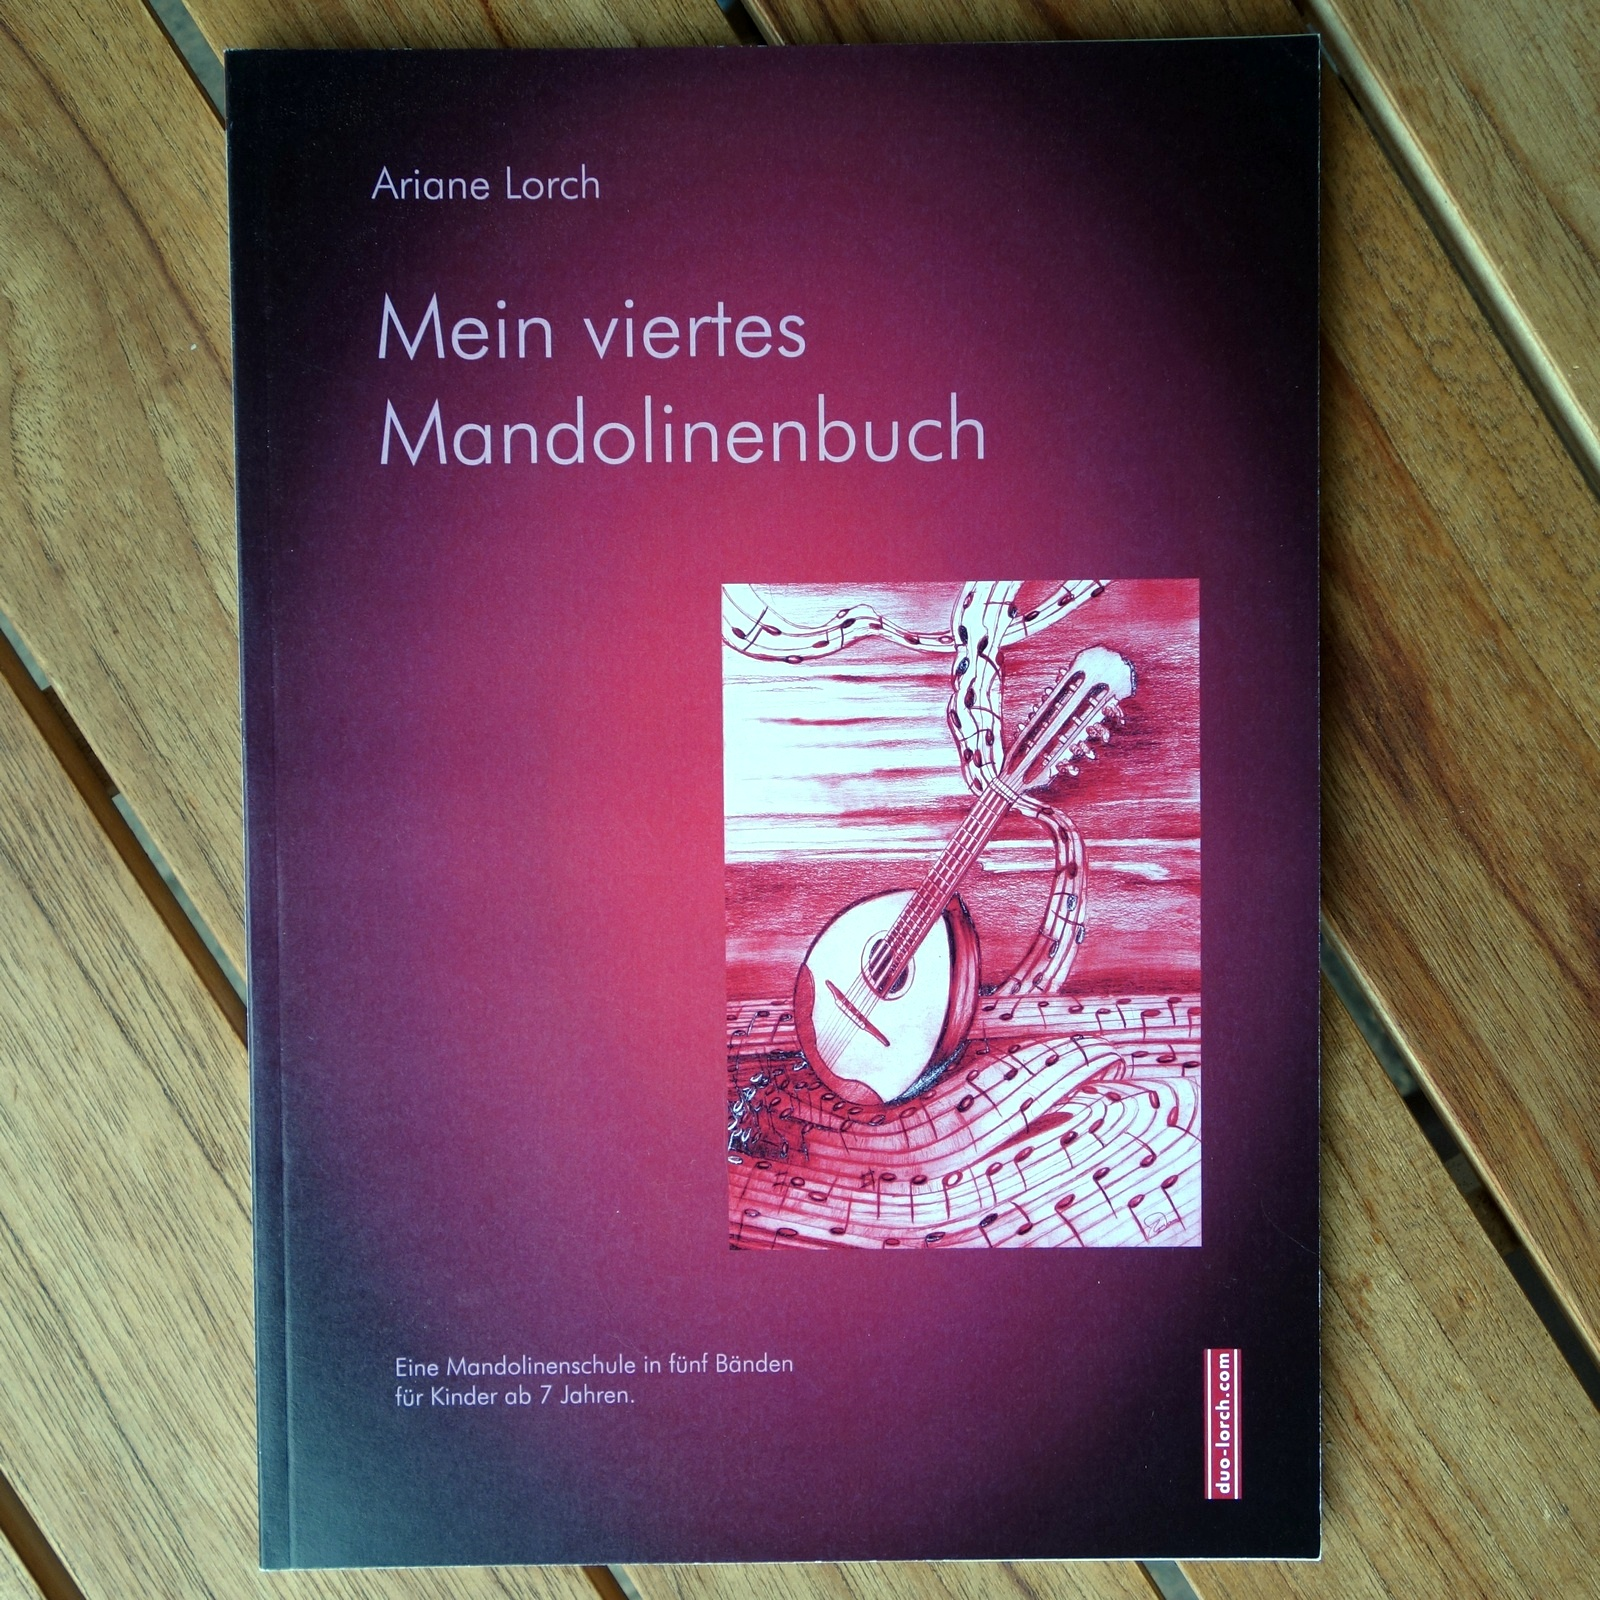 Mein viertes Mandolinenbuch